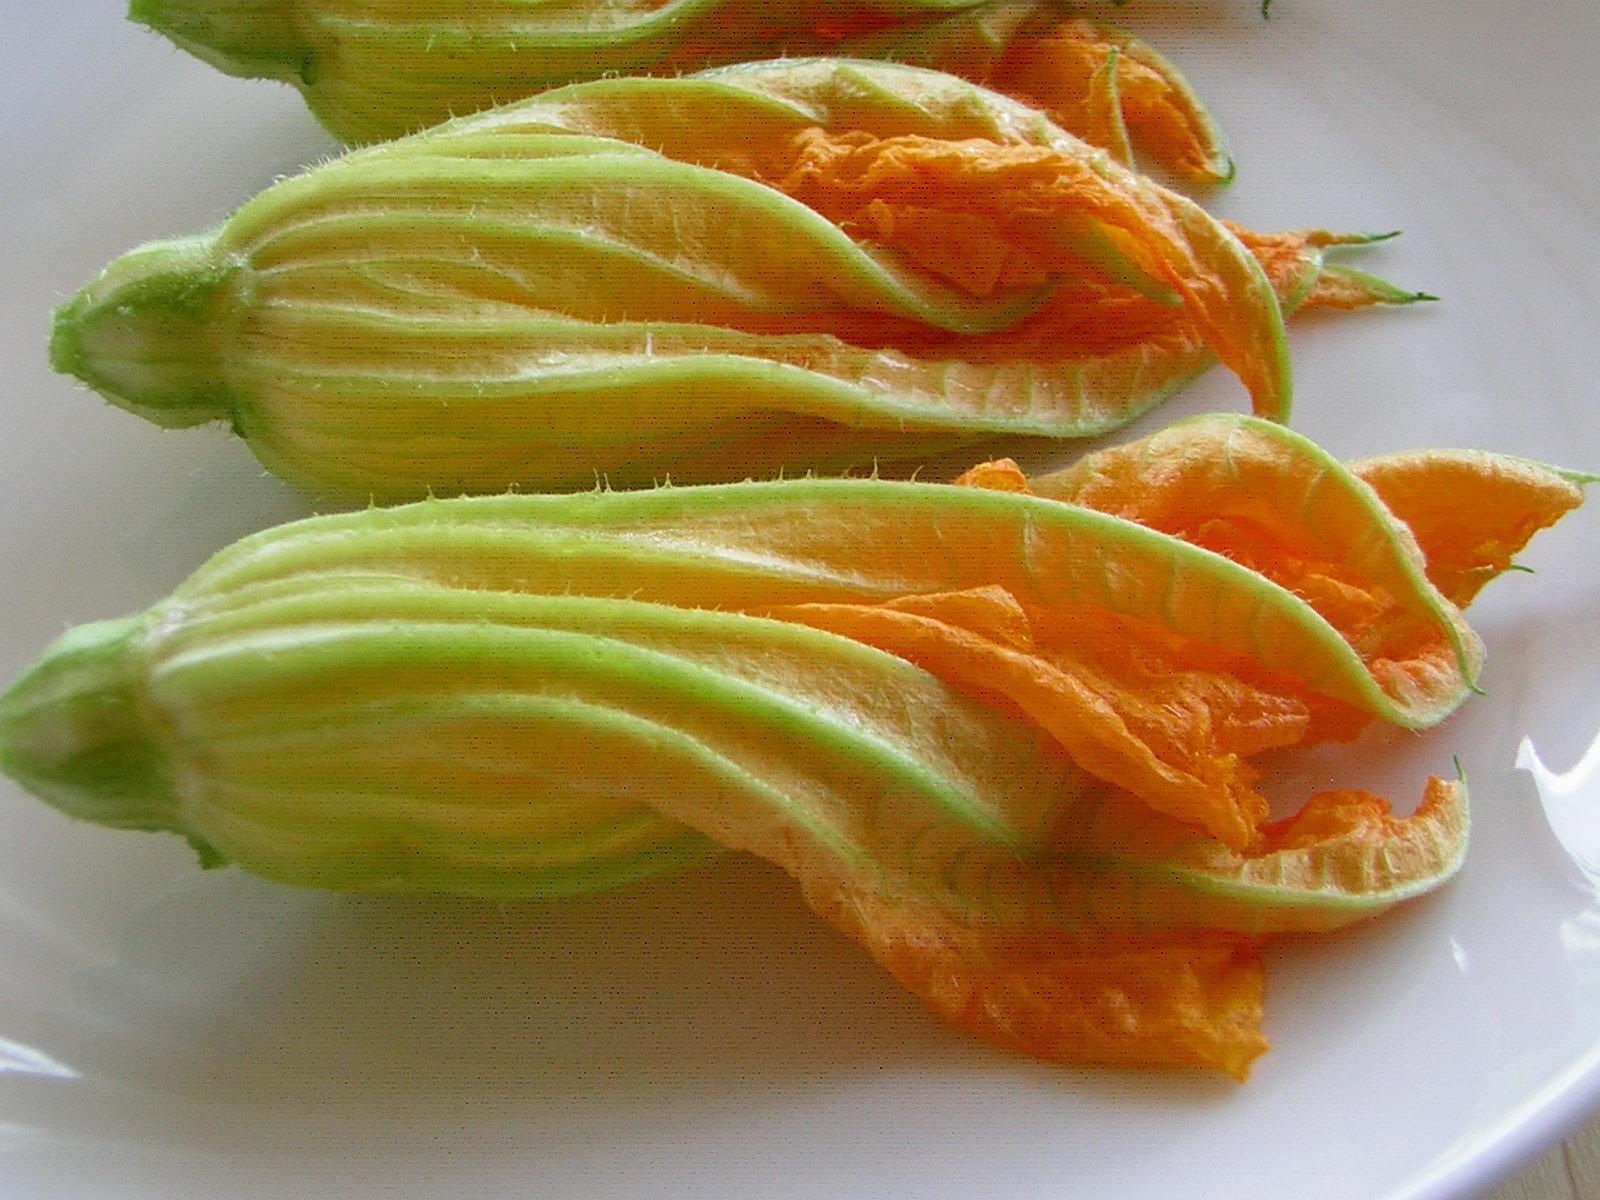 preparazione dei fiori di zucca fritti croccanti